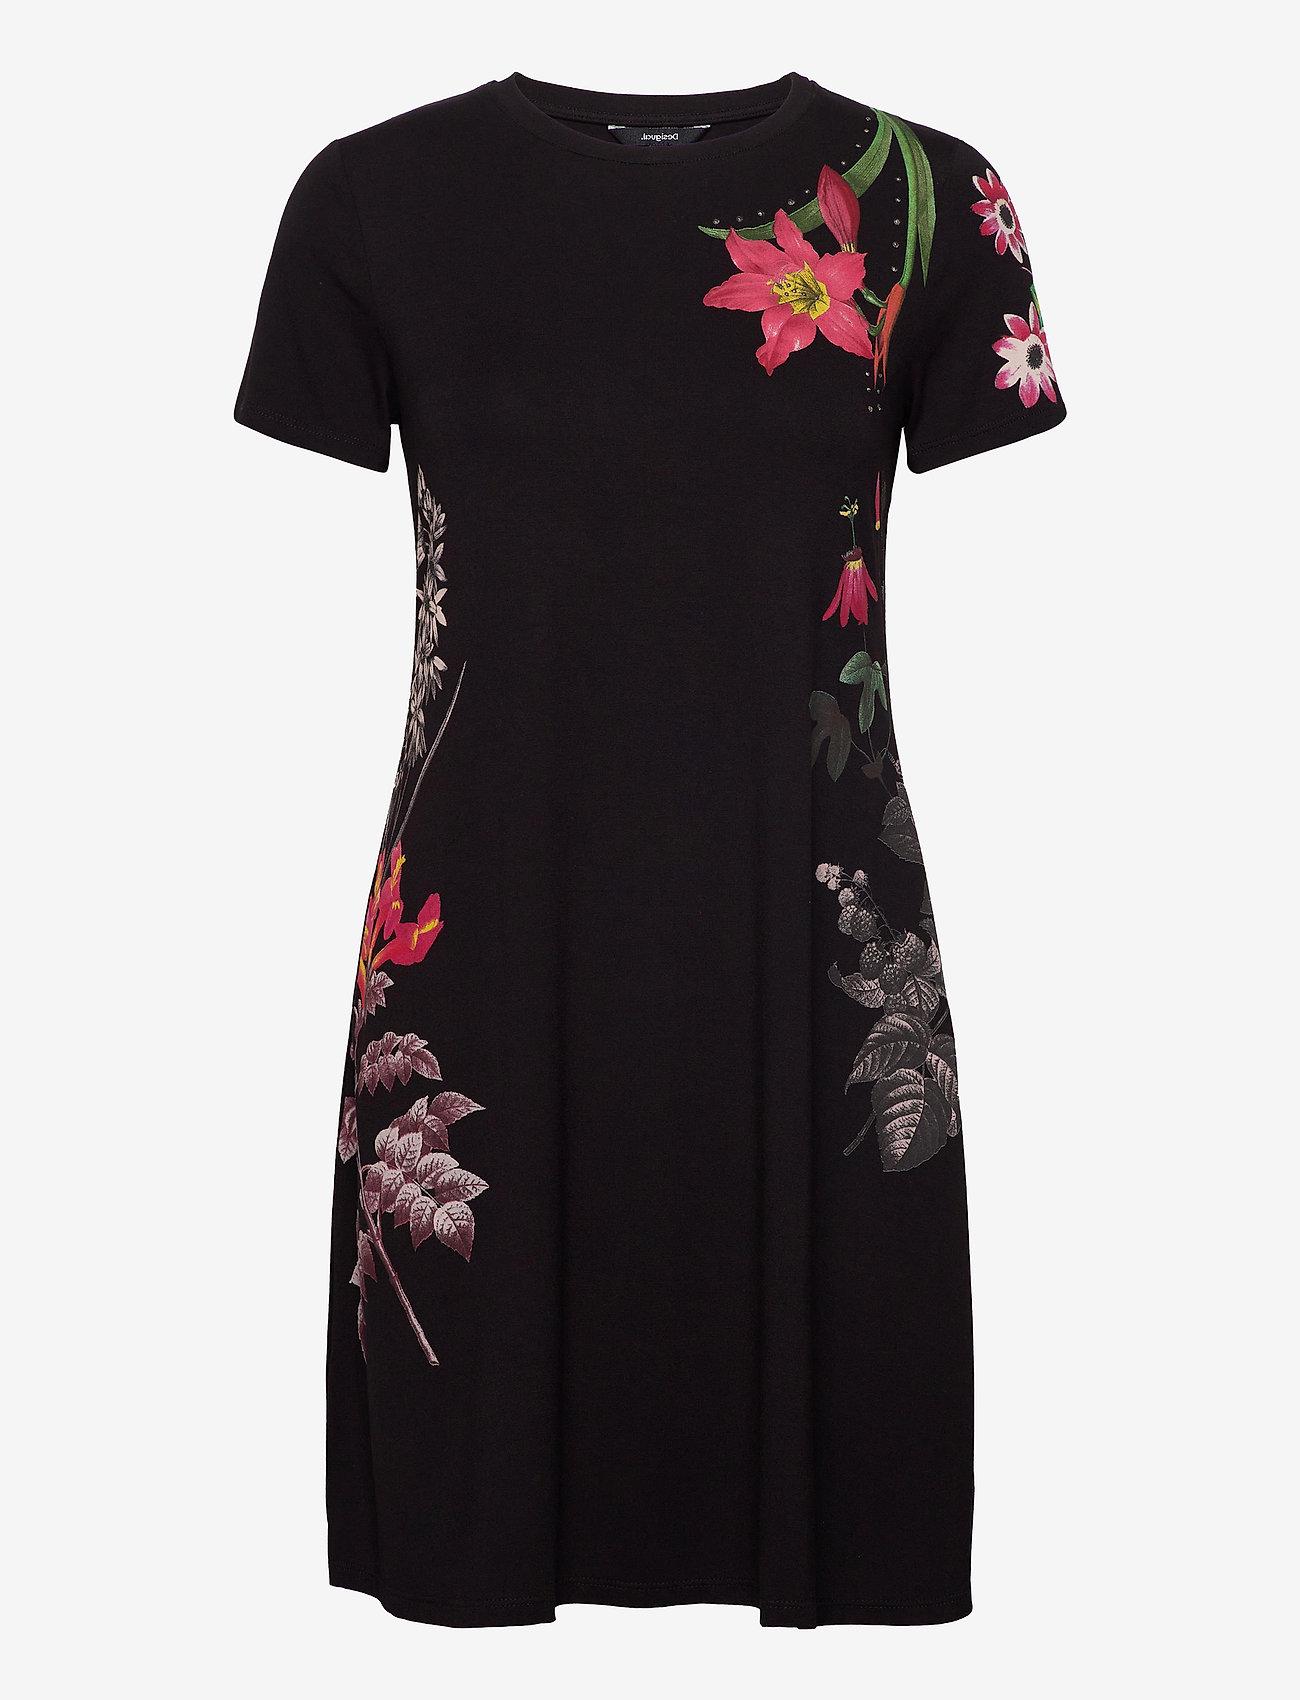 Desigual - VEST CAROLINE - korta klänningar - negro - 0